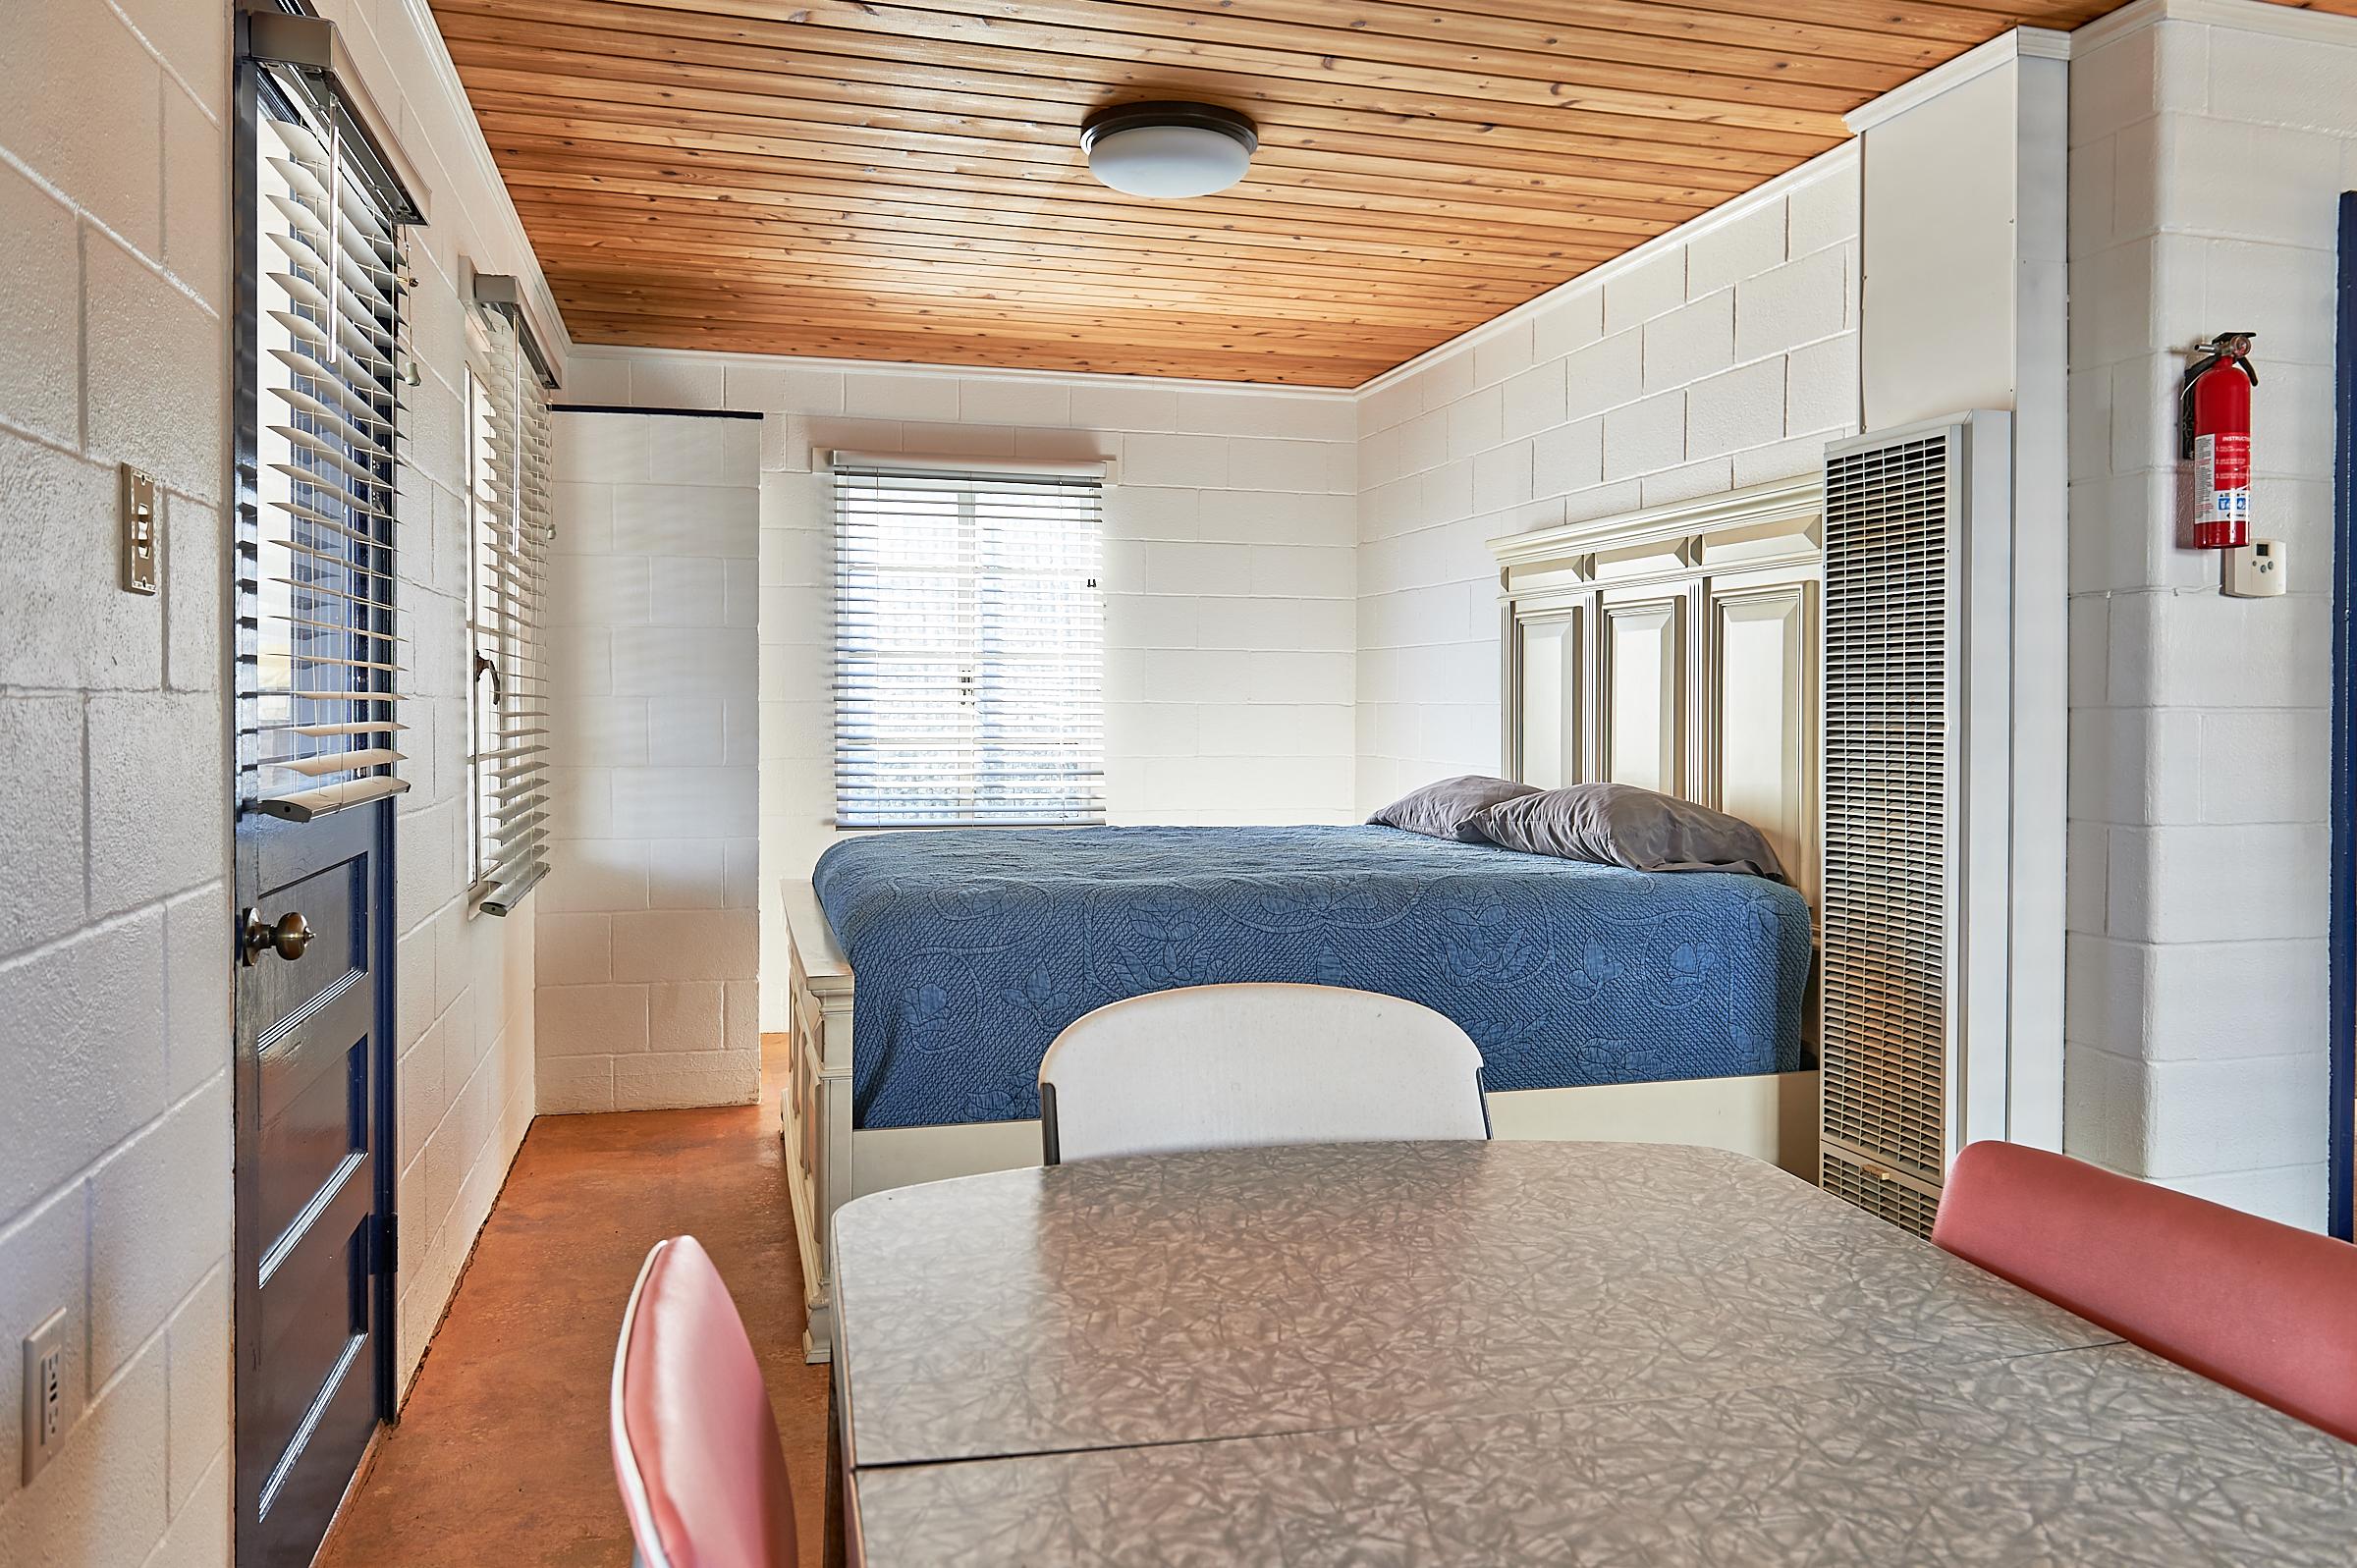 Packsaddle Mountain Cabin Floorplan